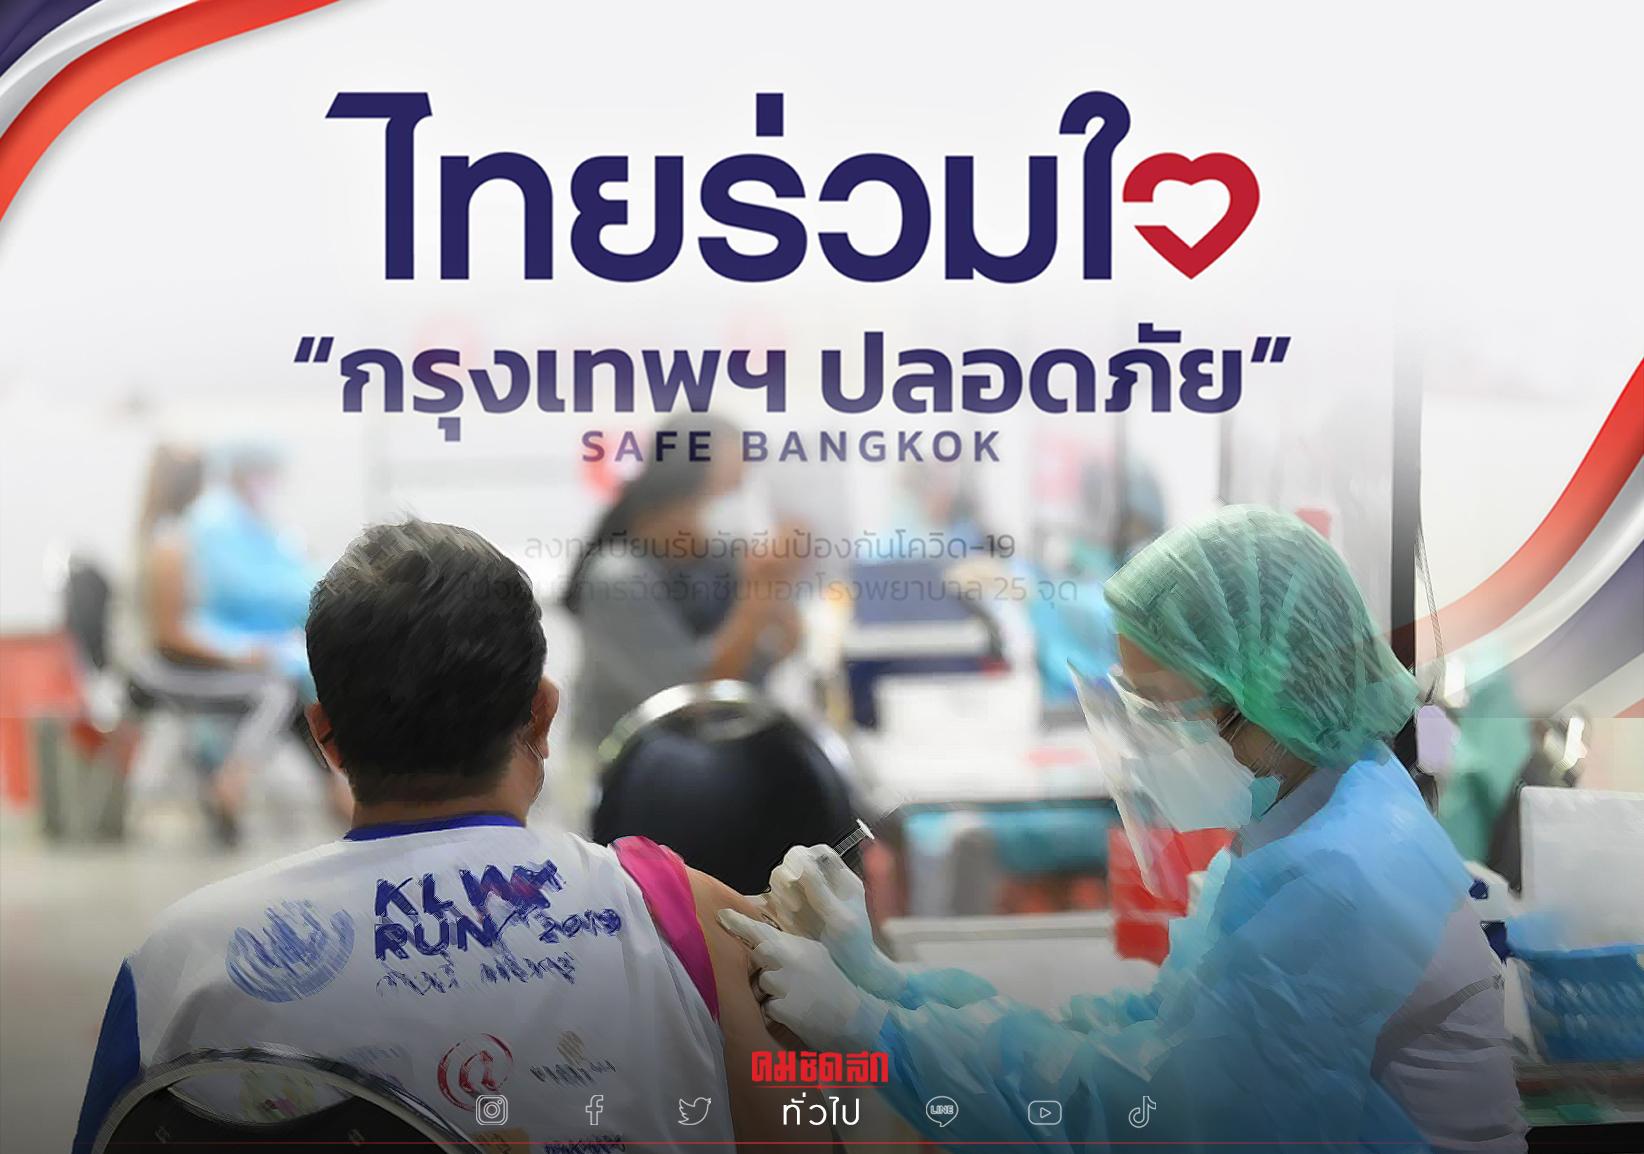 www.ไทยร่วมใจ.com เช็กจุดฉีดวัคซีน